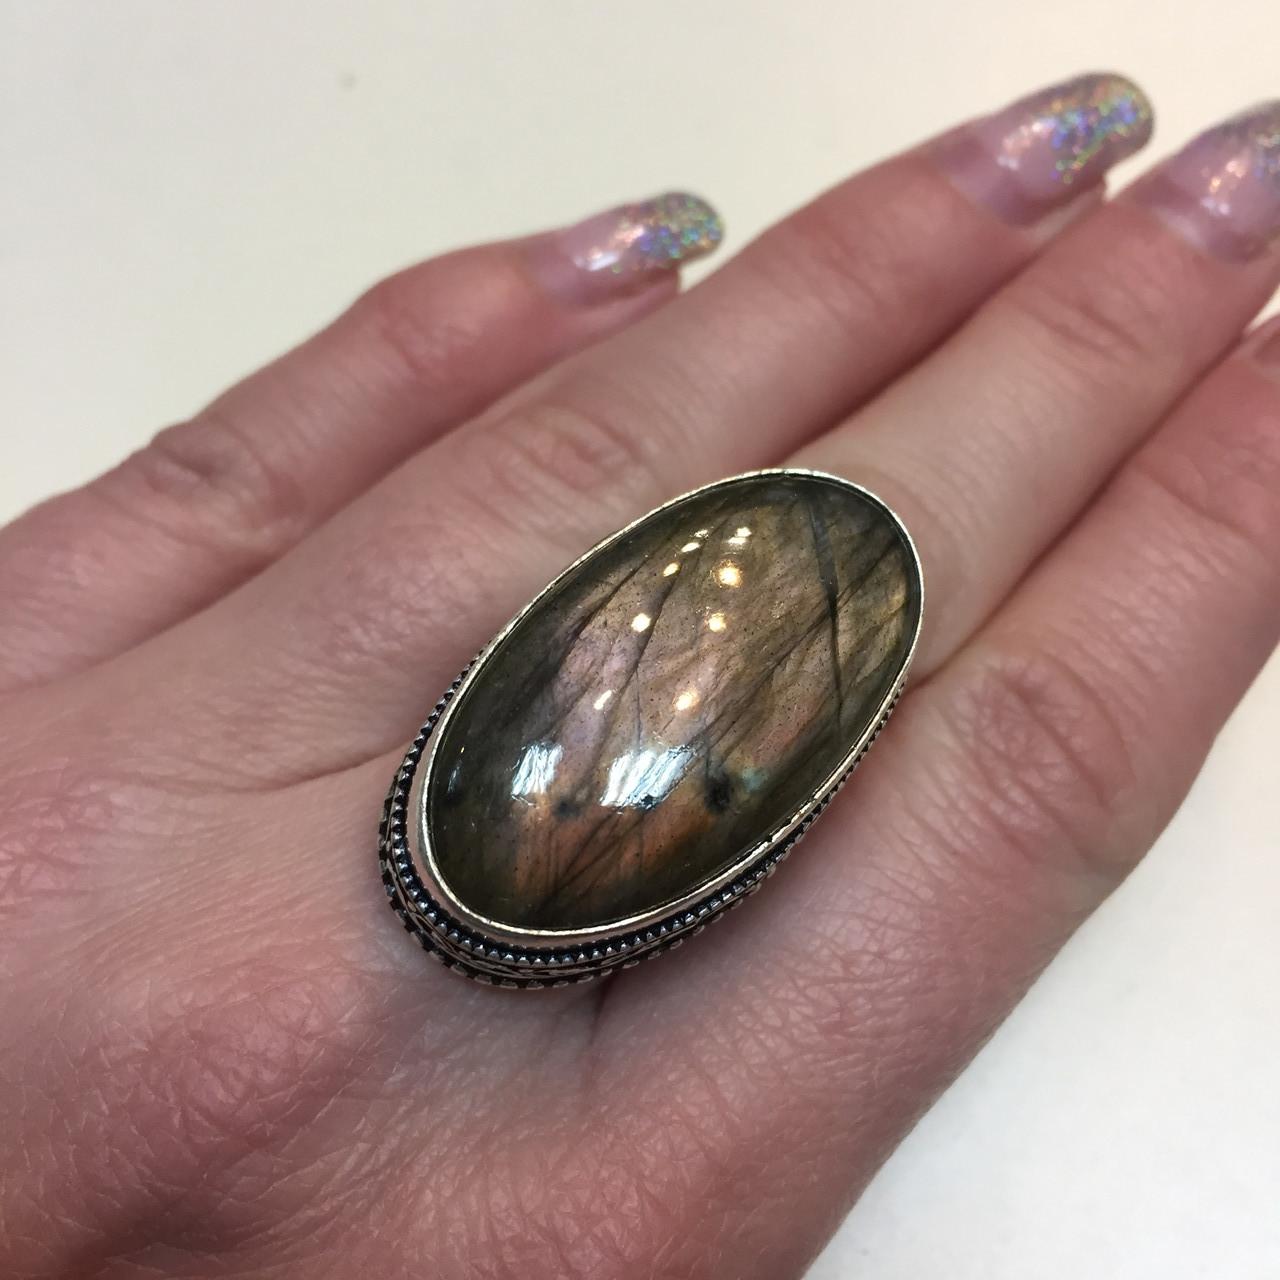 Кольцо лабрадорит спектролит кольцо овальное с натуральным лабрадором спектролитом 17 размер Индия!